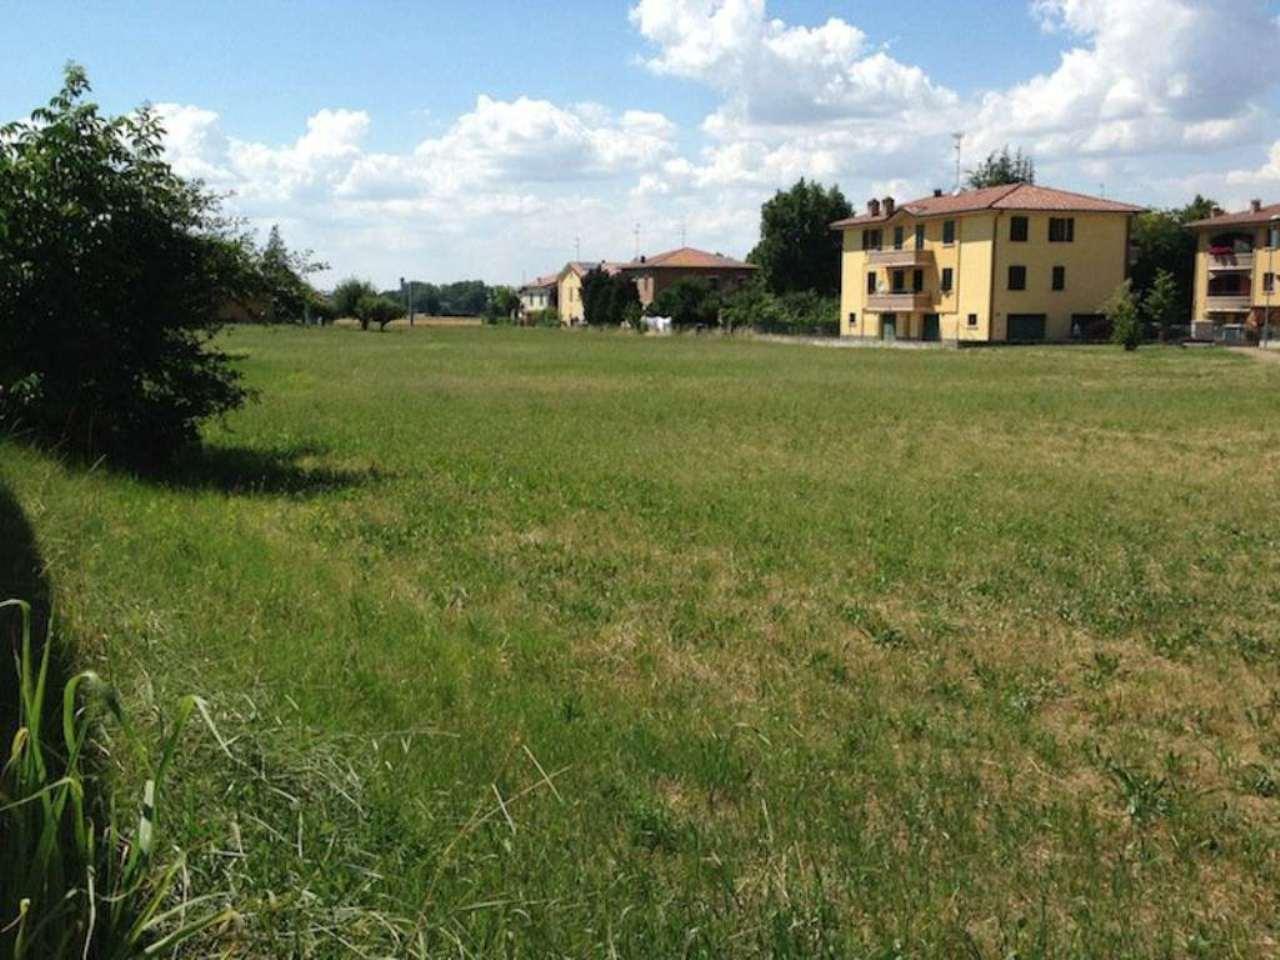 Terreno Edificabile Residenziale in vendita a Gattatico, 9999 locali, prezzo € 265.000 | Cambio Casa.it